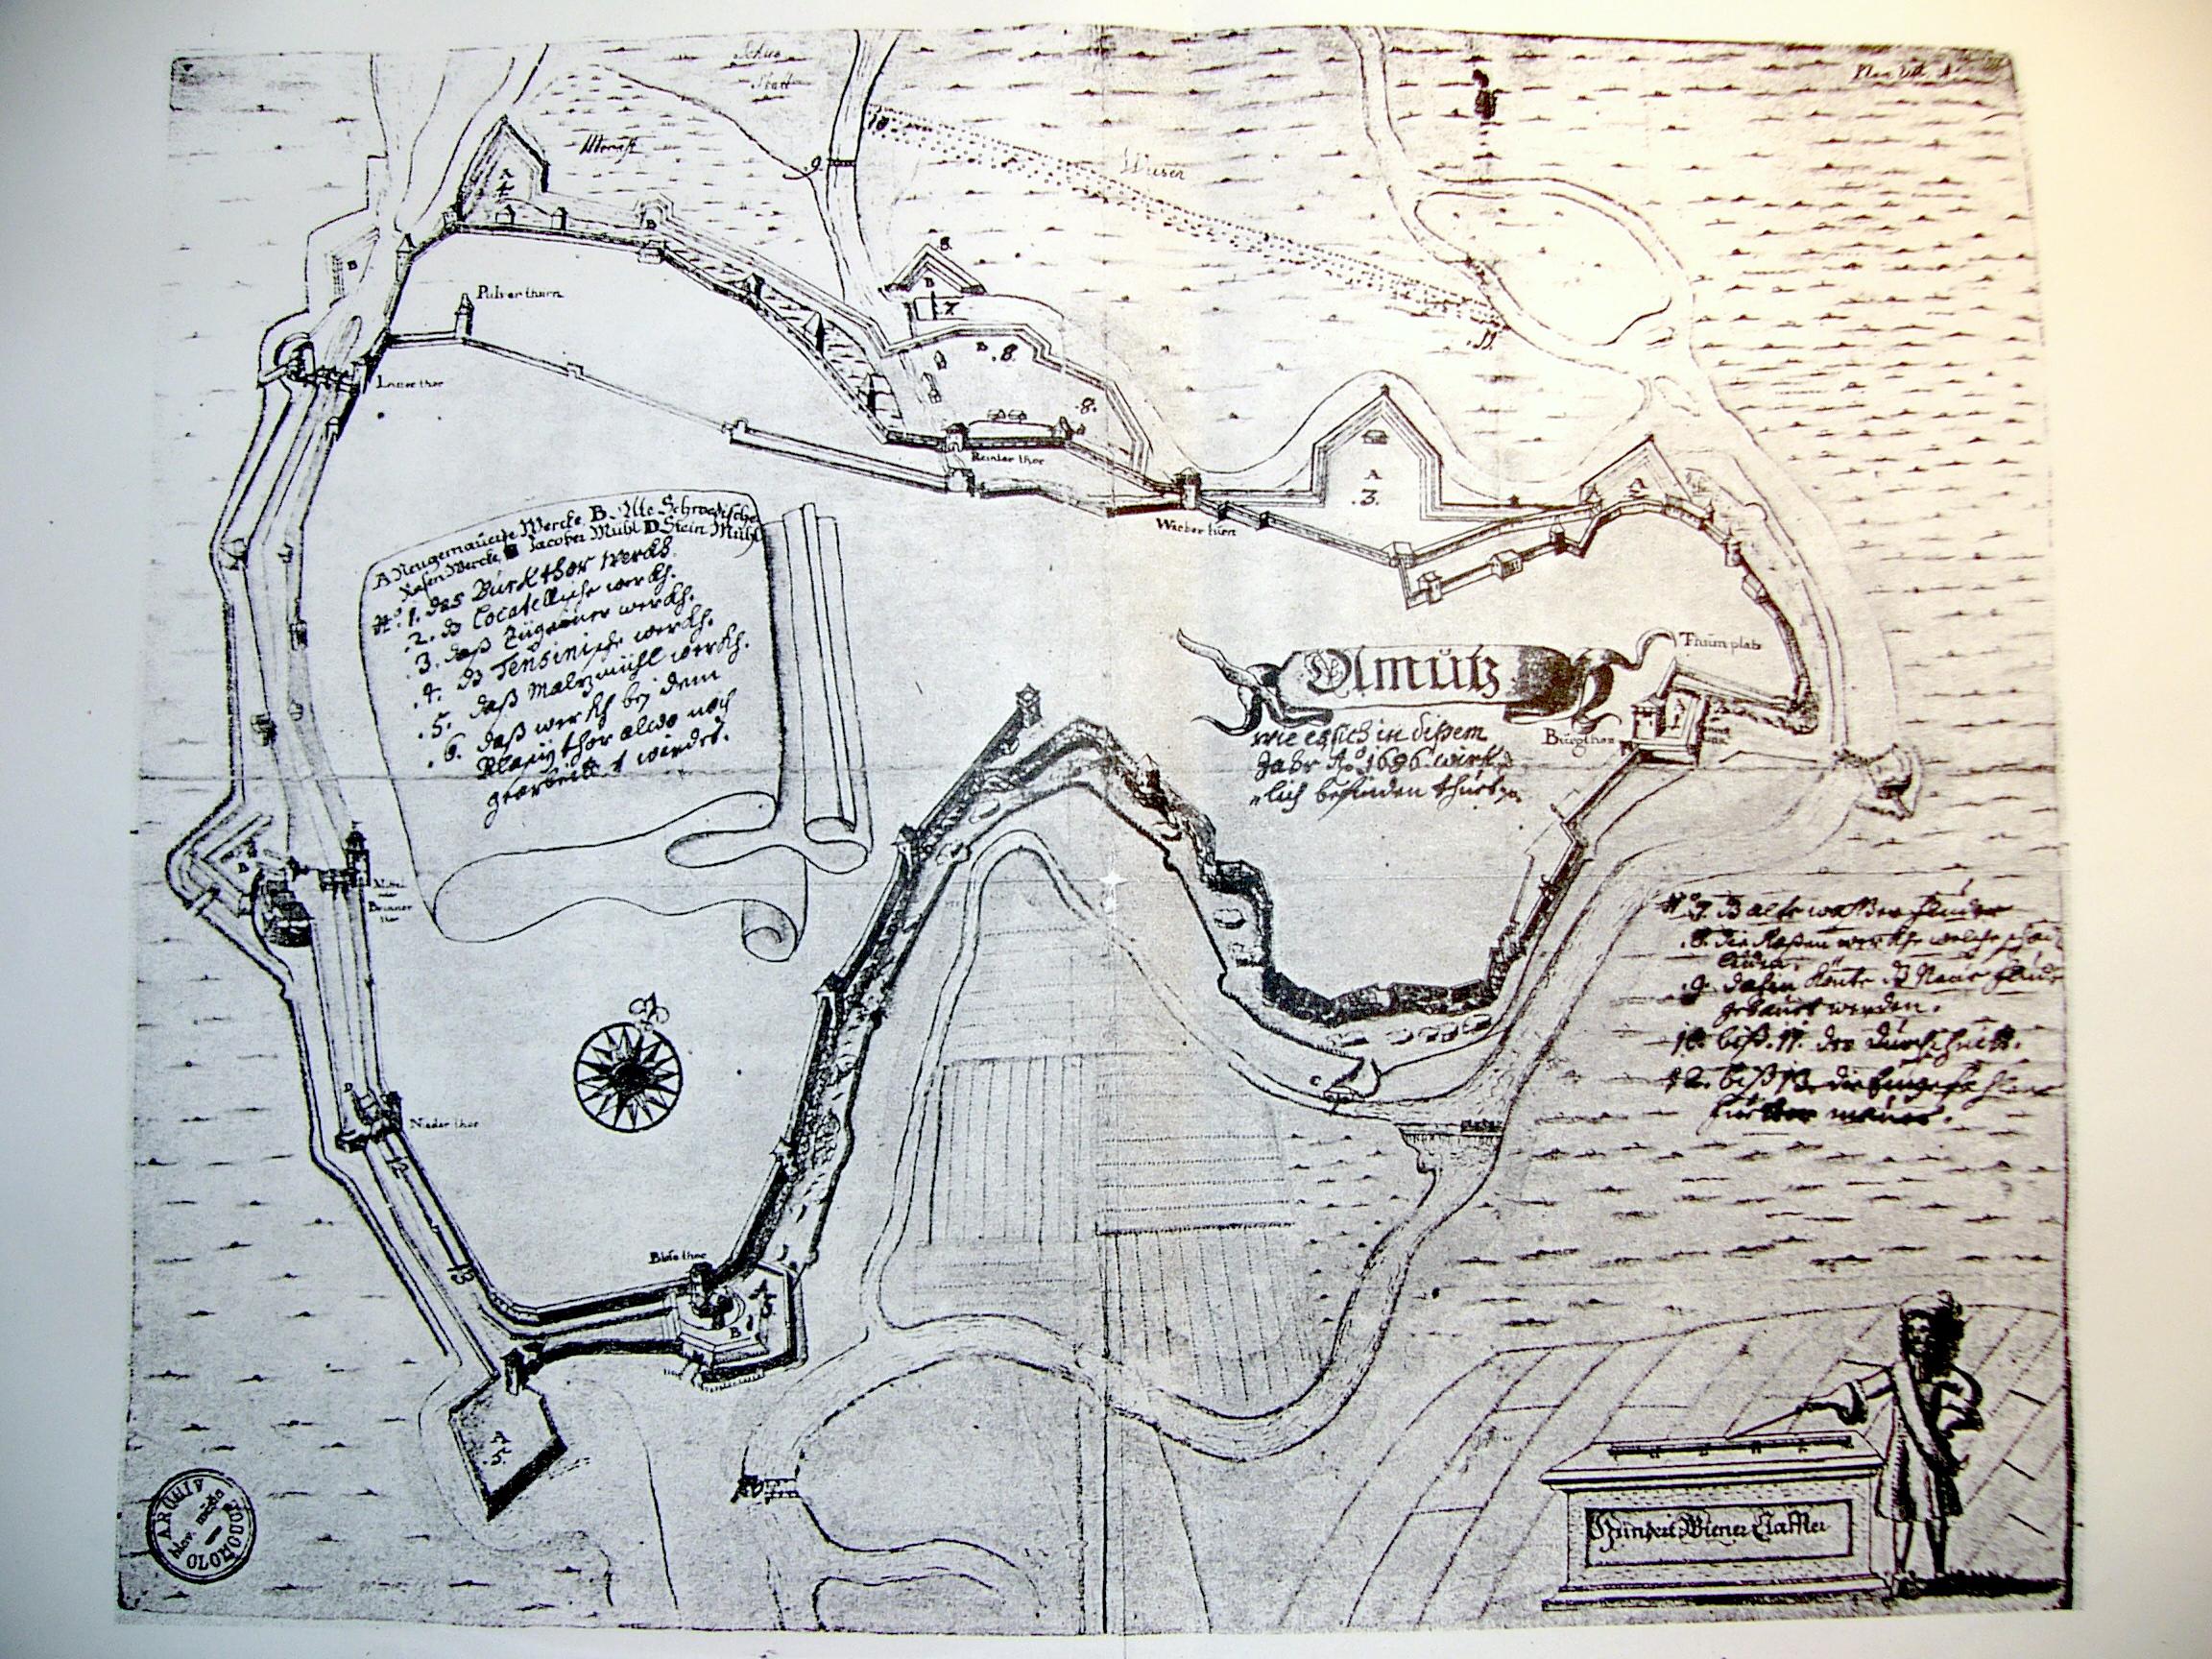 File:Olomouc plan hradeb 1686.jpg